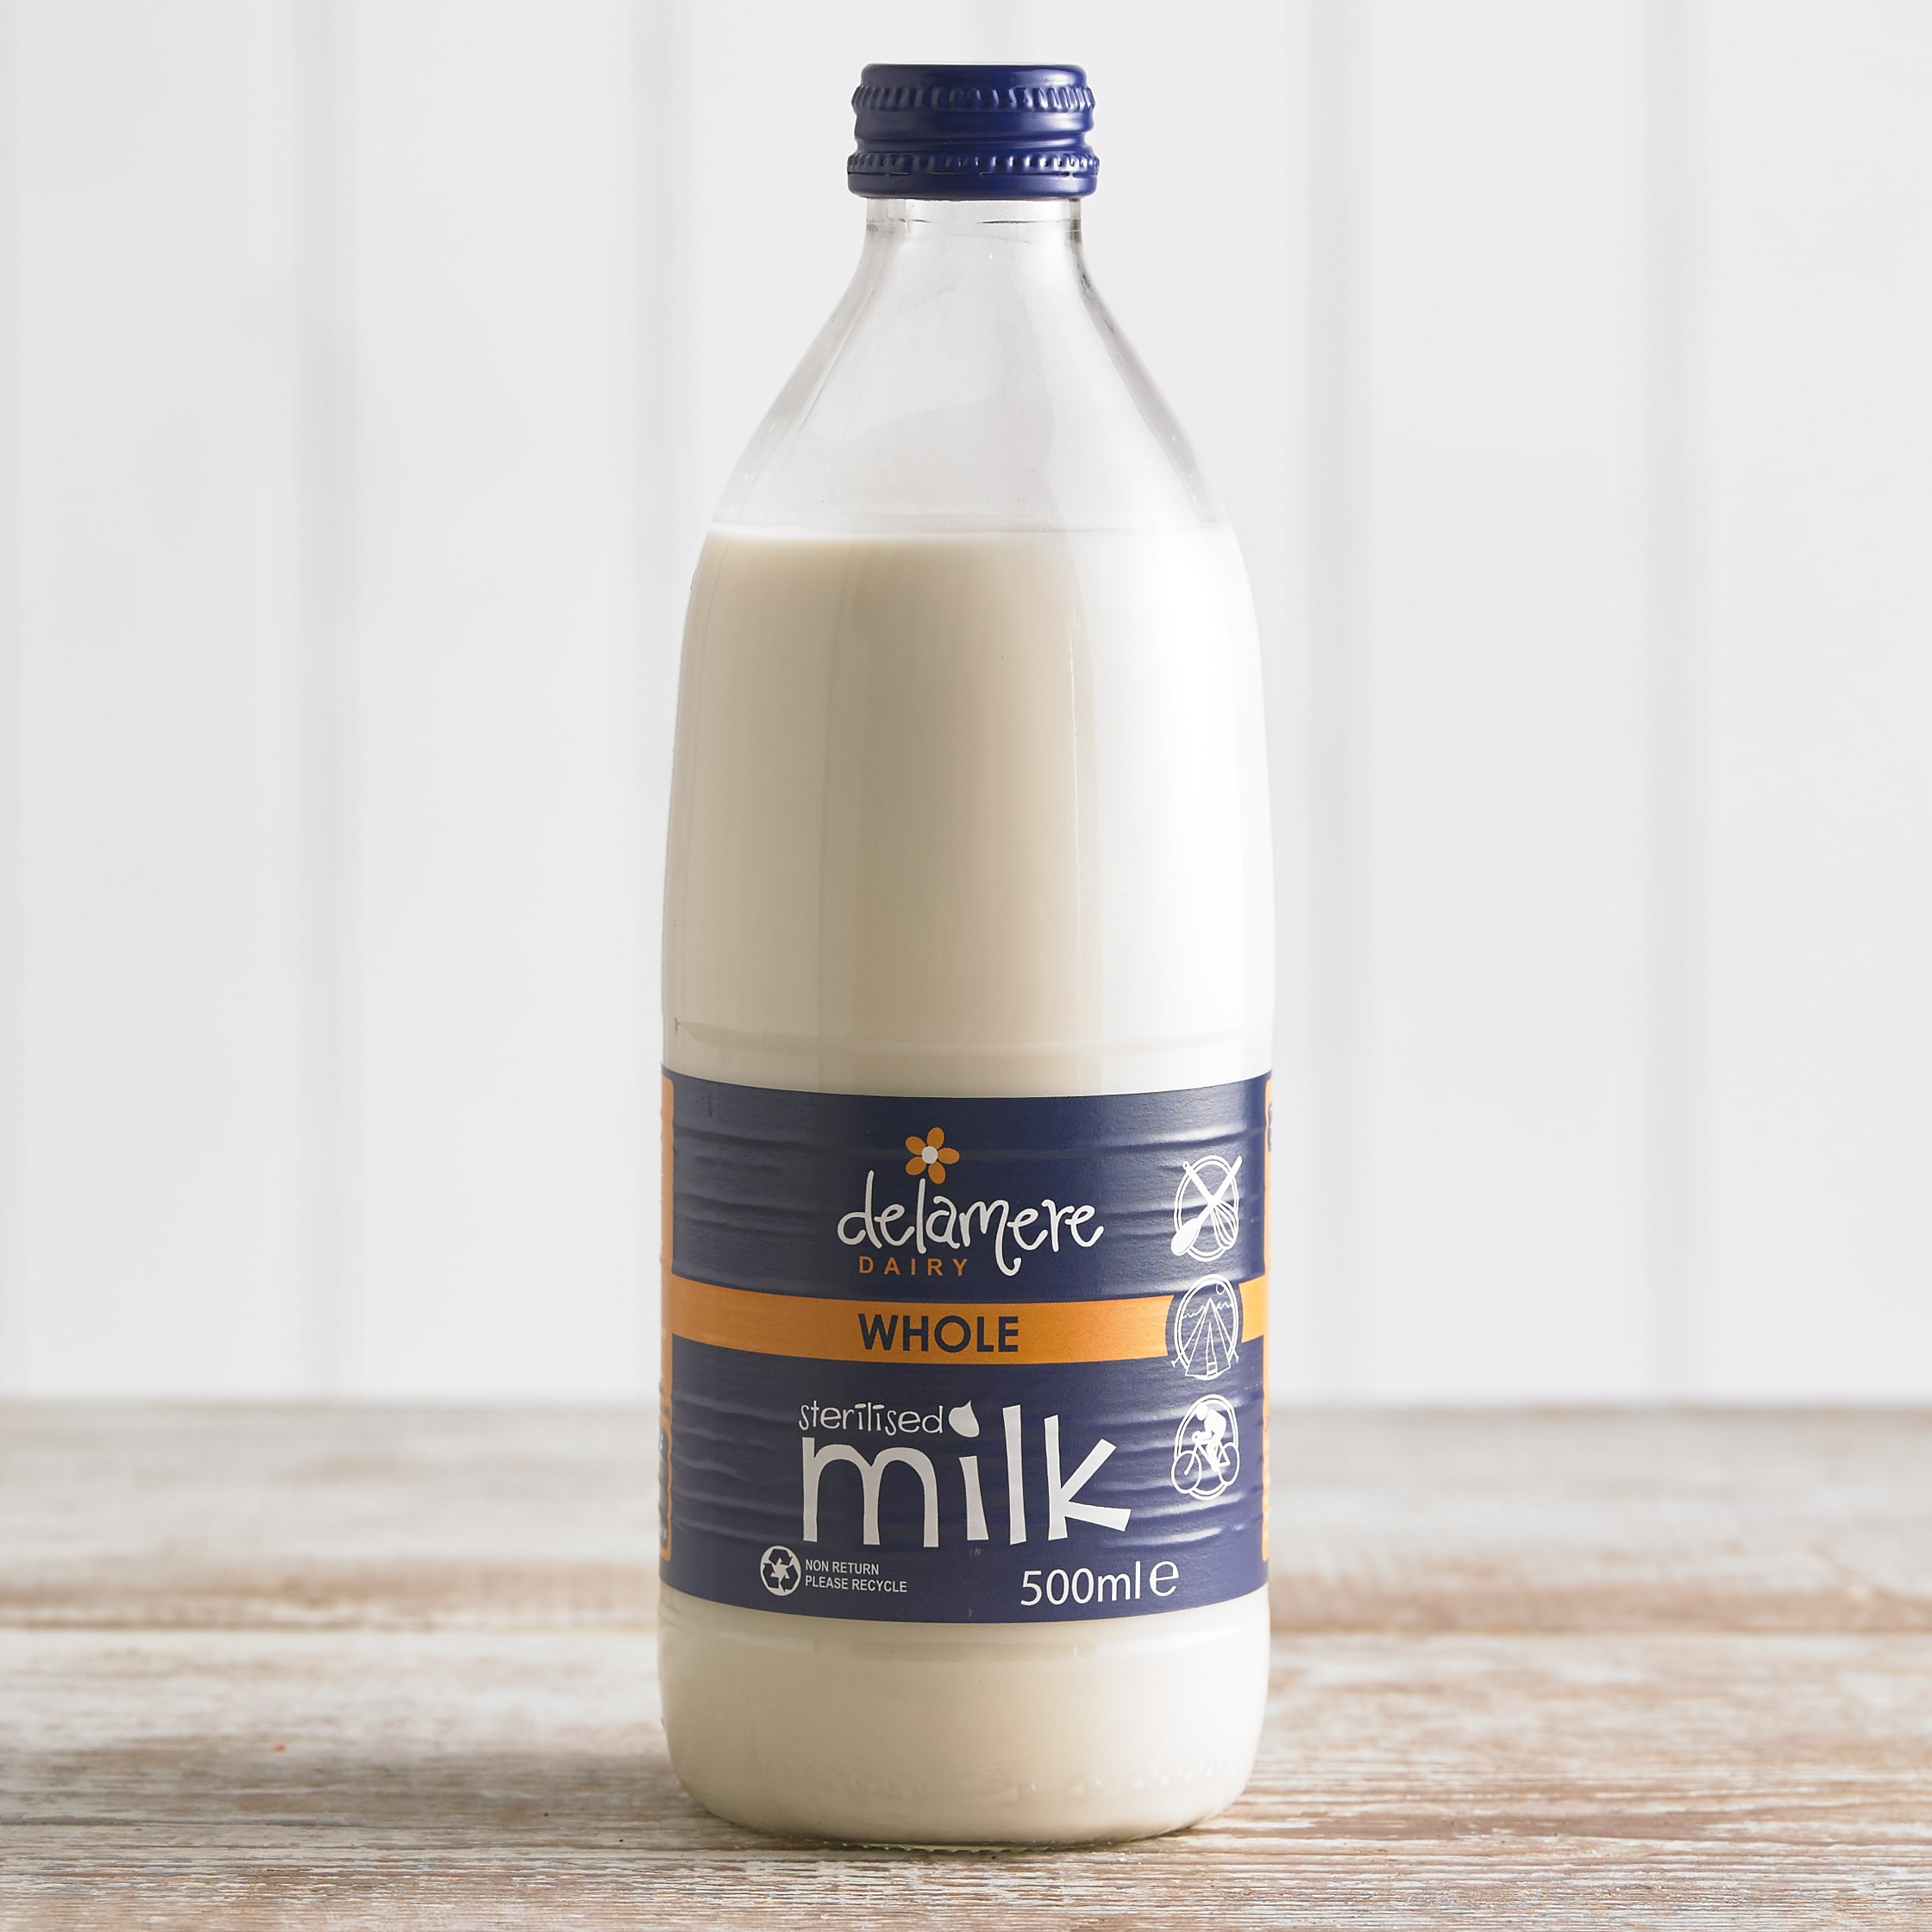 Delamere Sterilised Whole Milk, 500ml